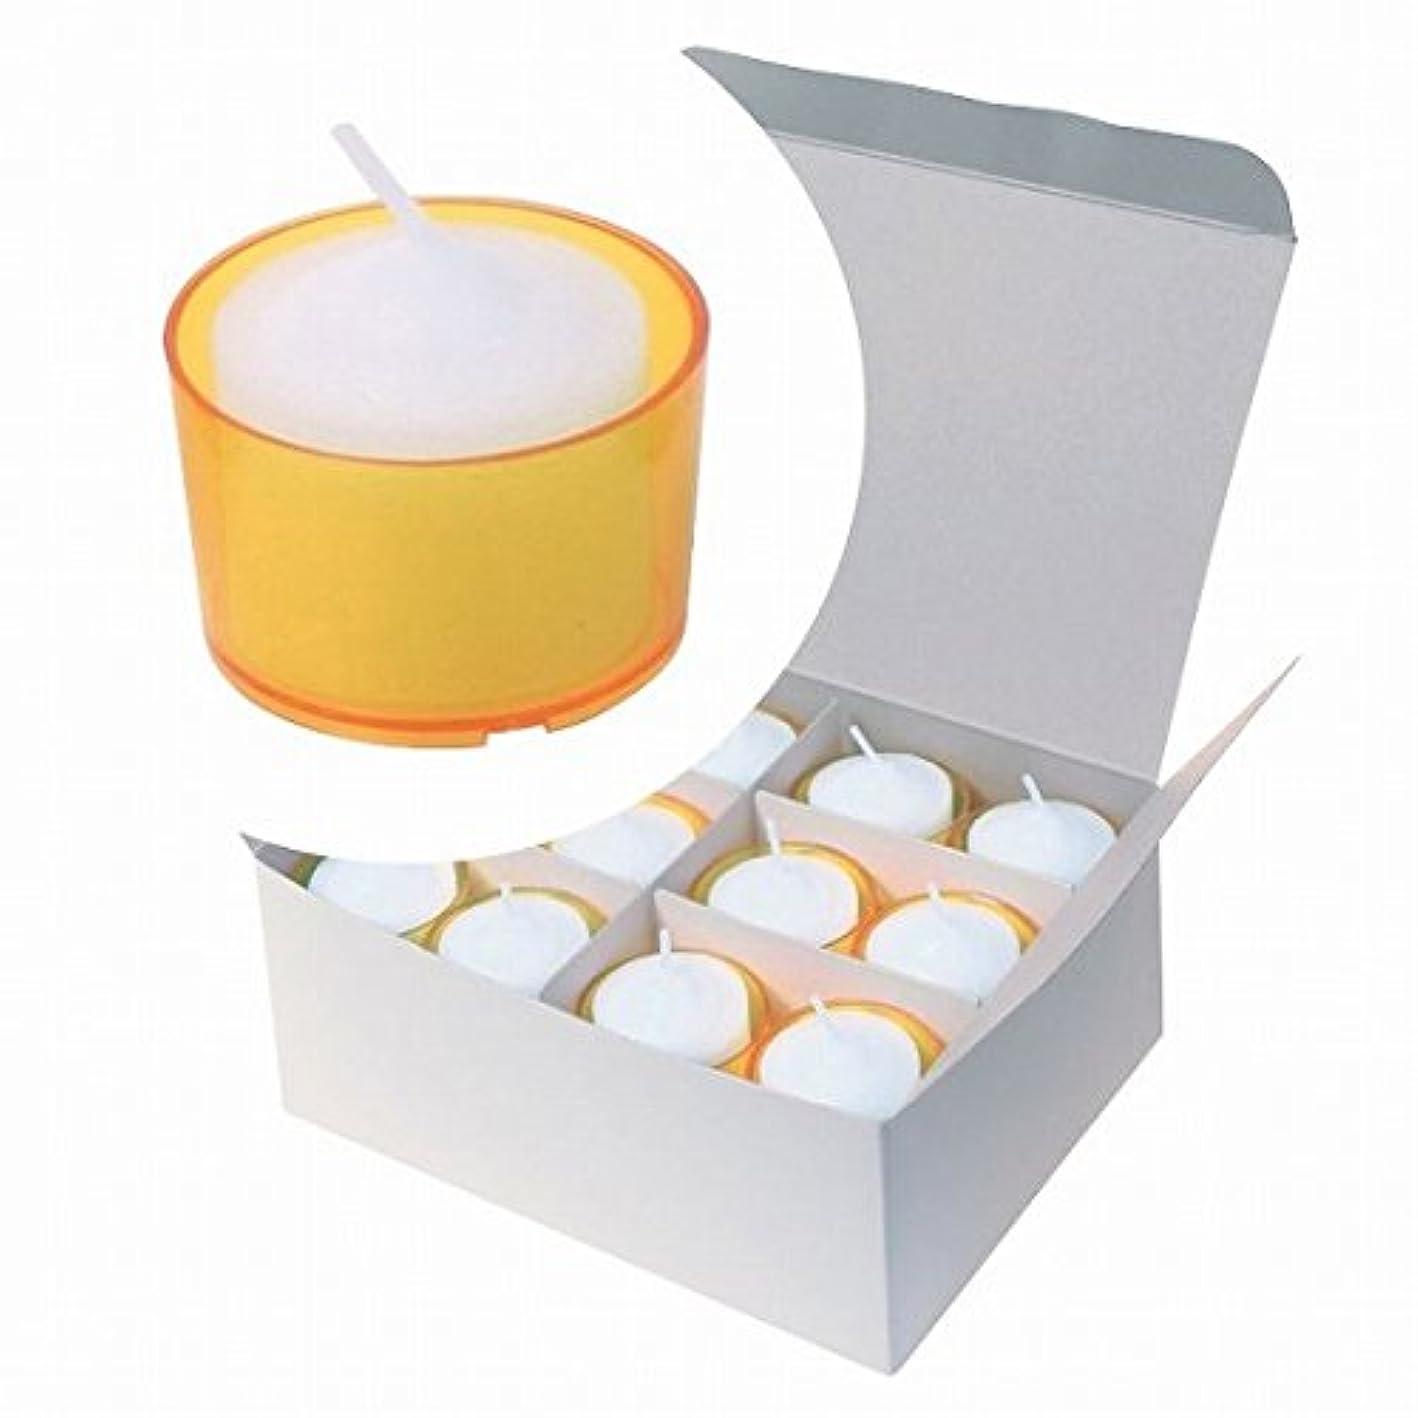 失礼な潤滑する冗長カメヤマキャンドル( kameyama candle ) カラークリアカップボーティブ6時間タイプ 24個入り 「 イエロー 」